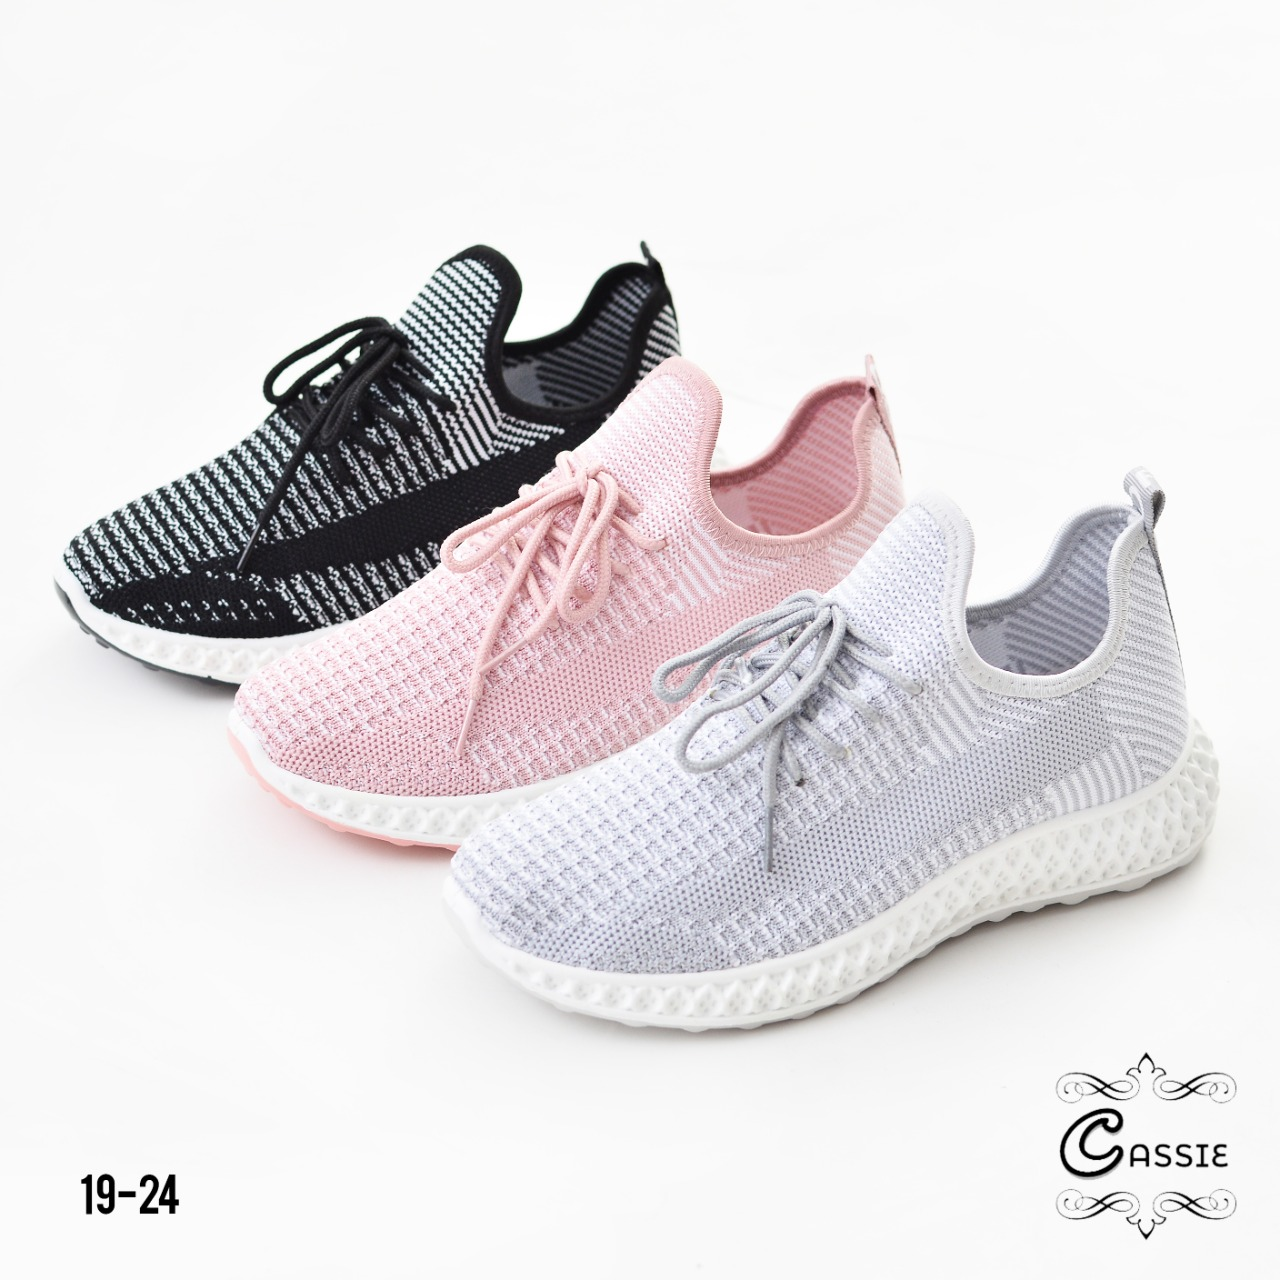 Sepatu sneakers wanita terbaru 2020 di indonesia 19-24is